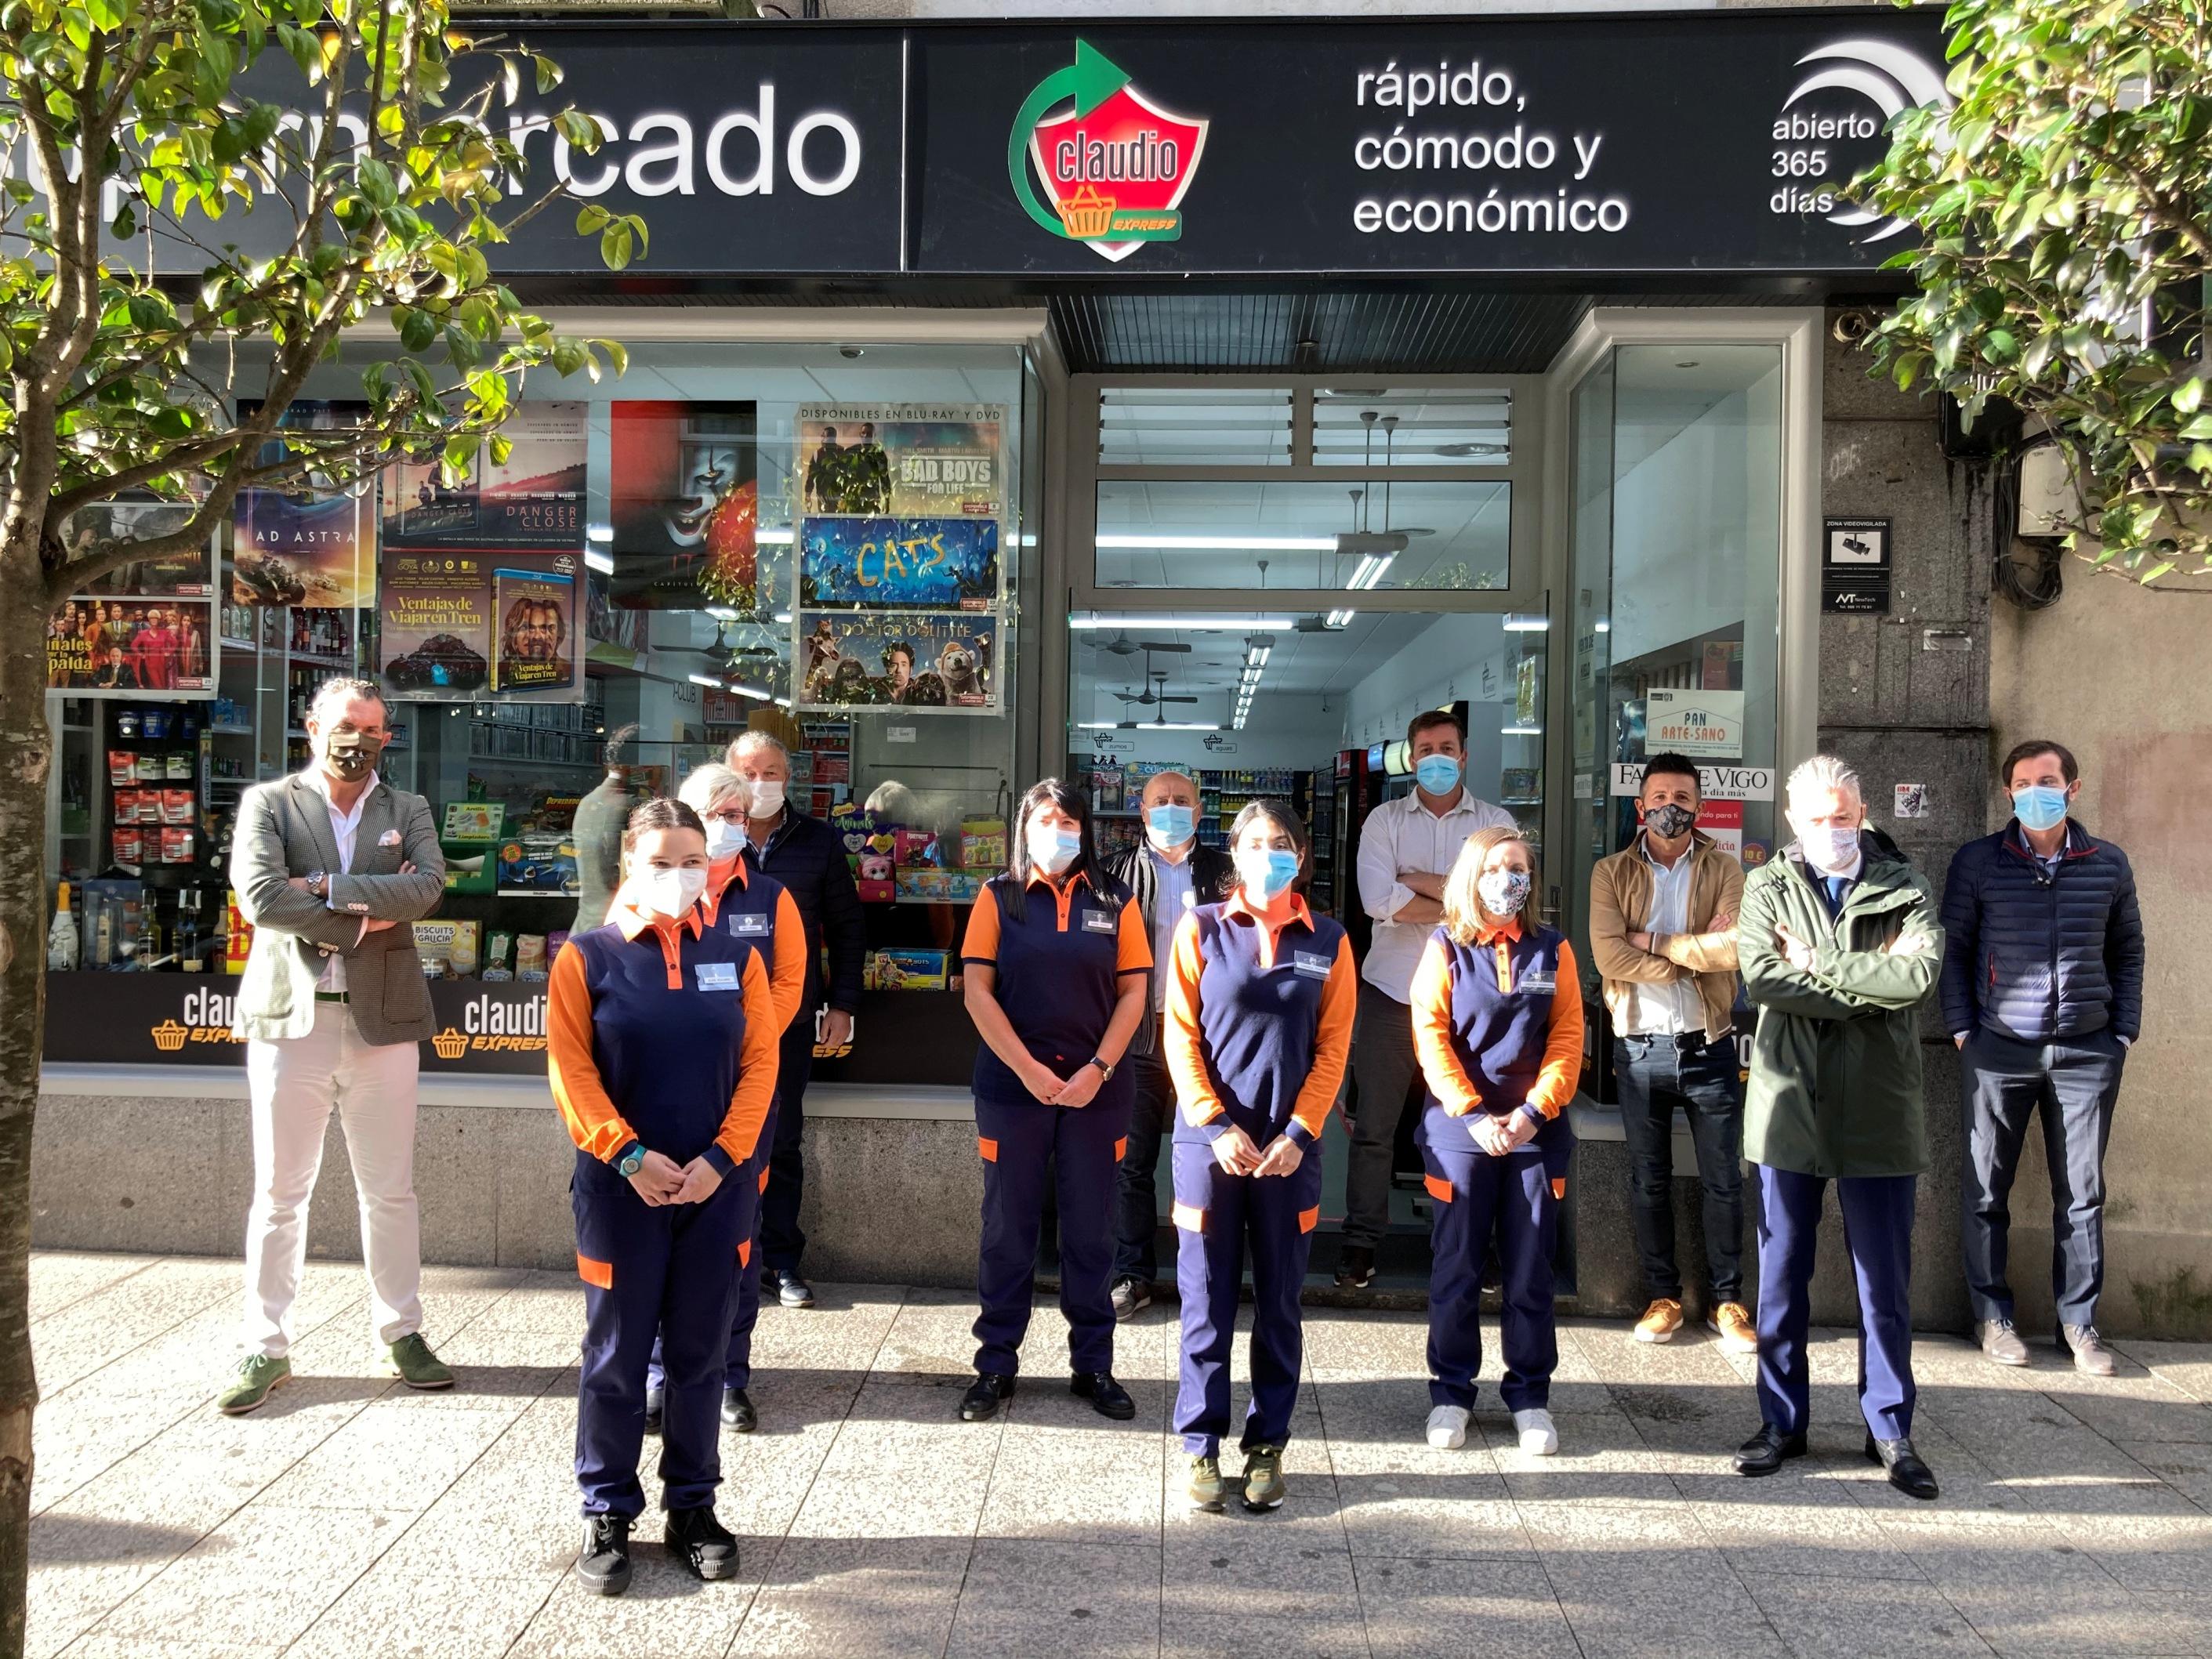 CONTINUAMOS DESARROLLANDO LA RED DE FRANQUICIAS CON UN NUEVO CLAUDIO EXPRESS EN VIGO